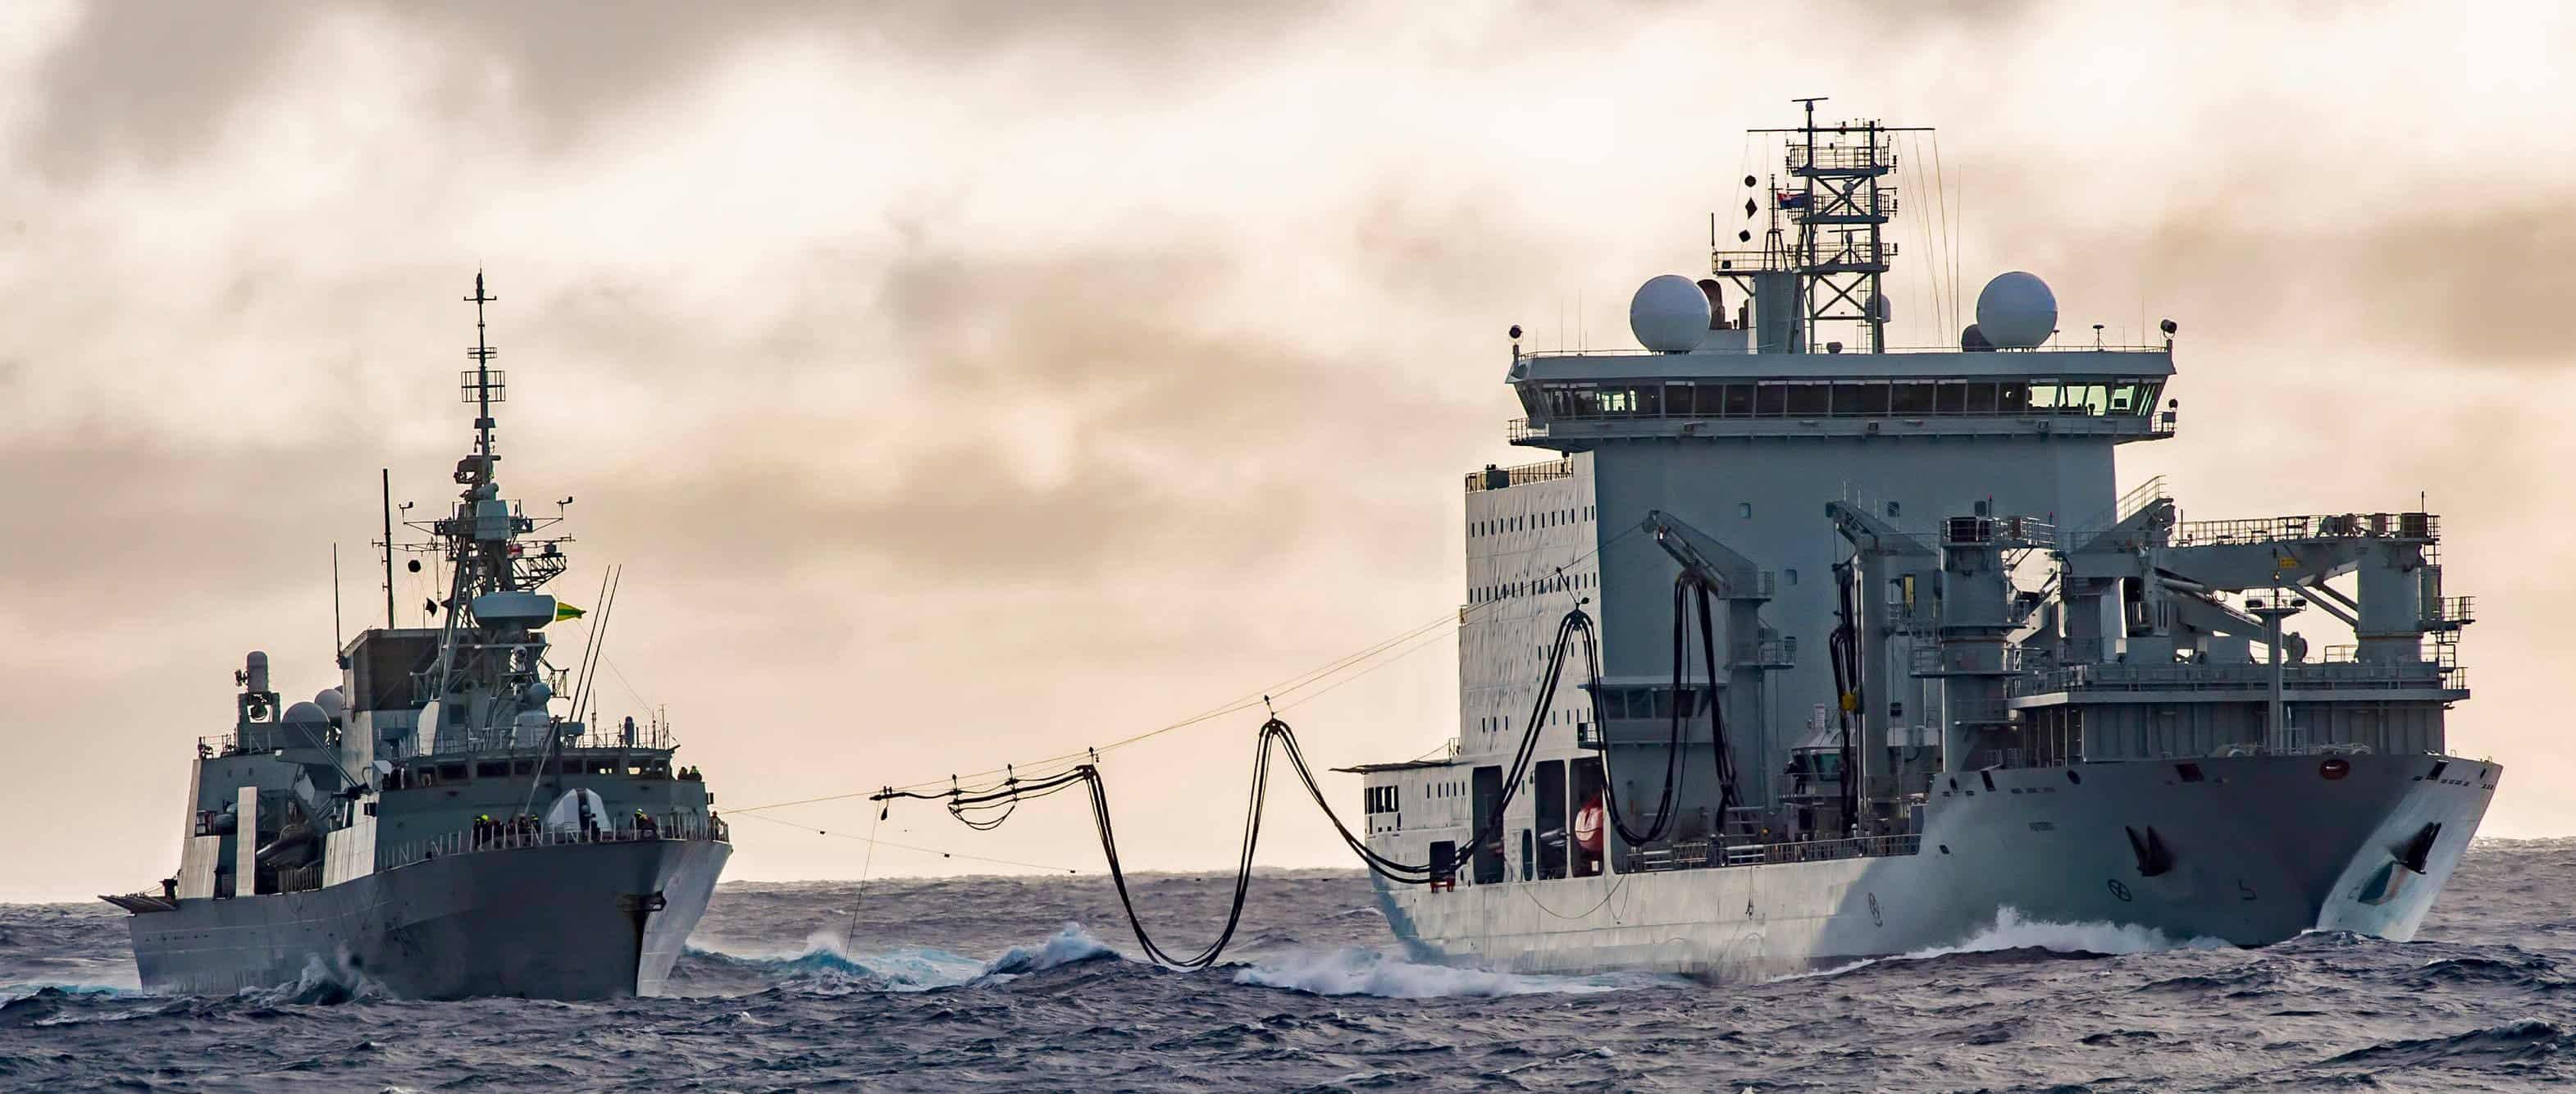 Фрегат HMCS Ottawa (FFH 341) з судном забезпечення MV Asterix